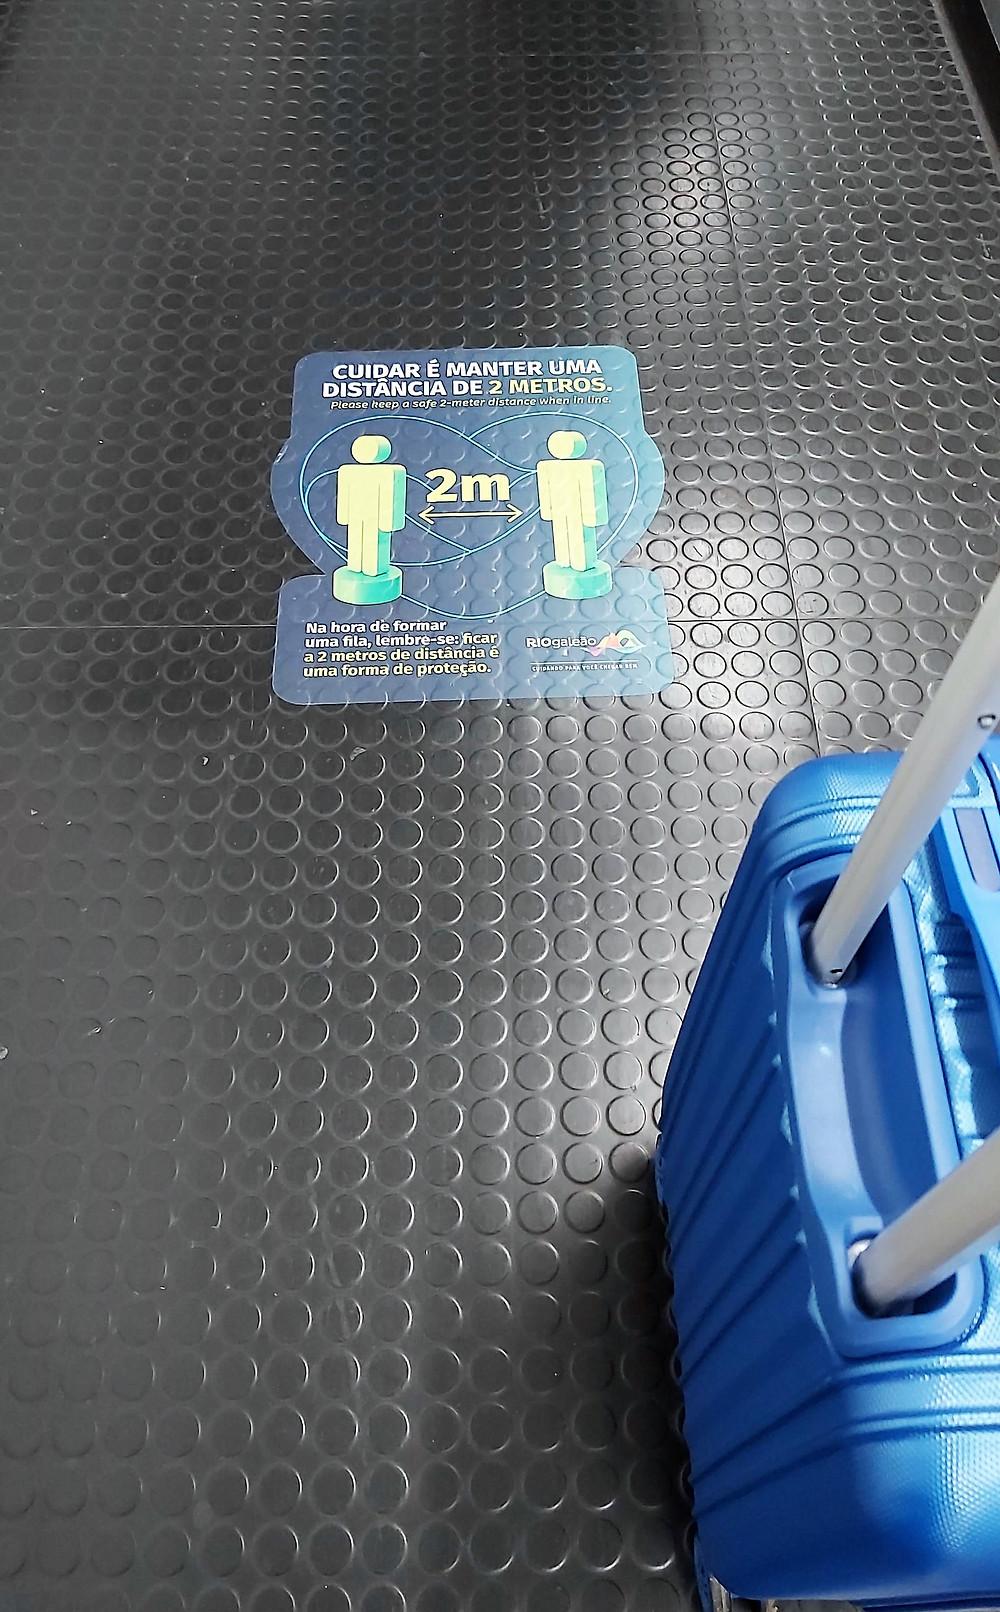 Avisos no piso do aeroporto do Rio